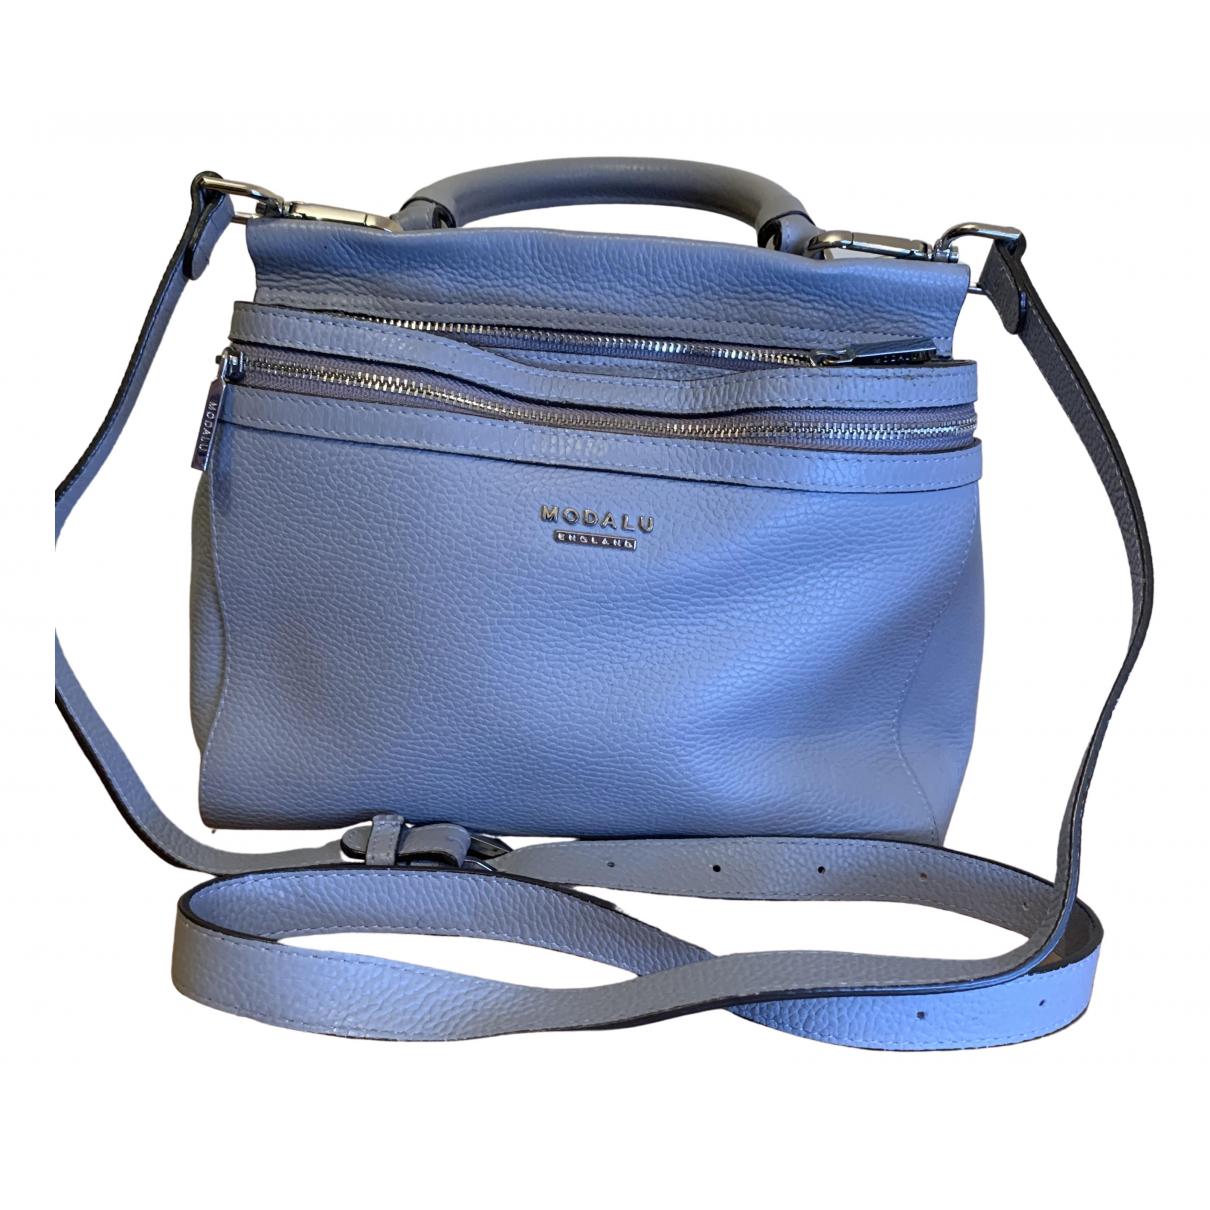 Modalu \N Grey Leather handbag for Women \N